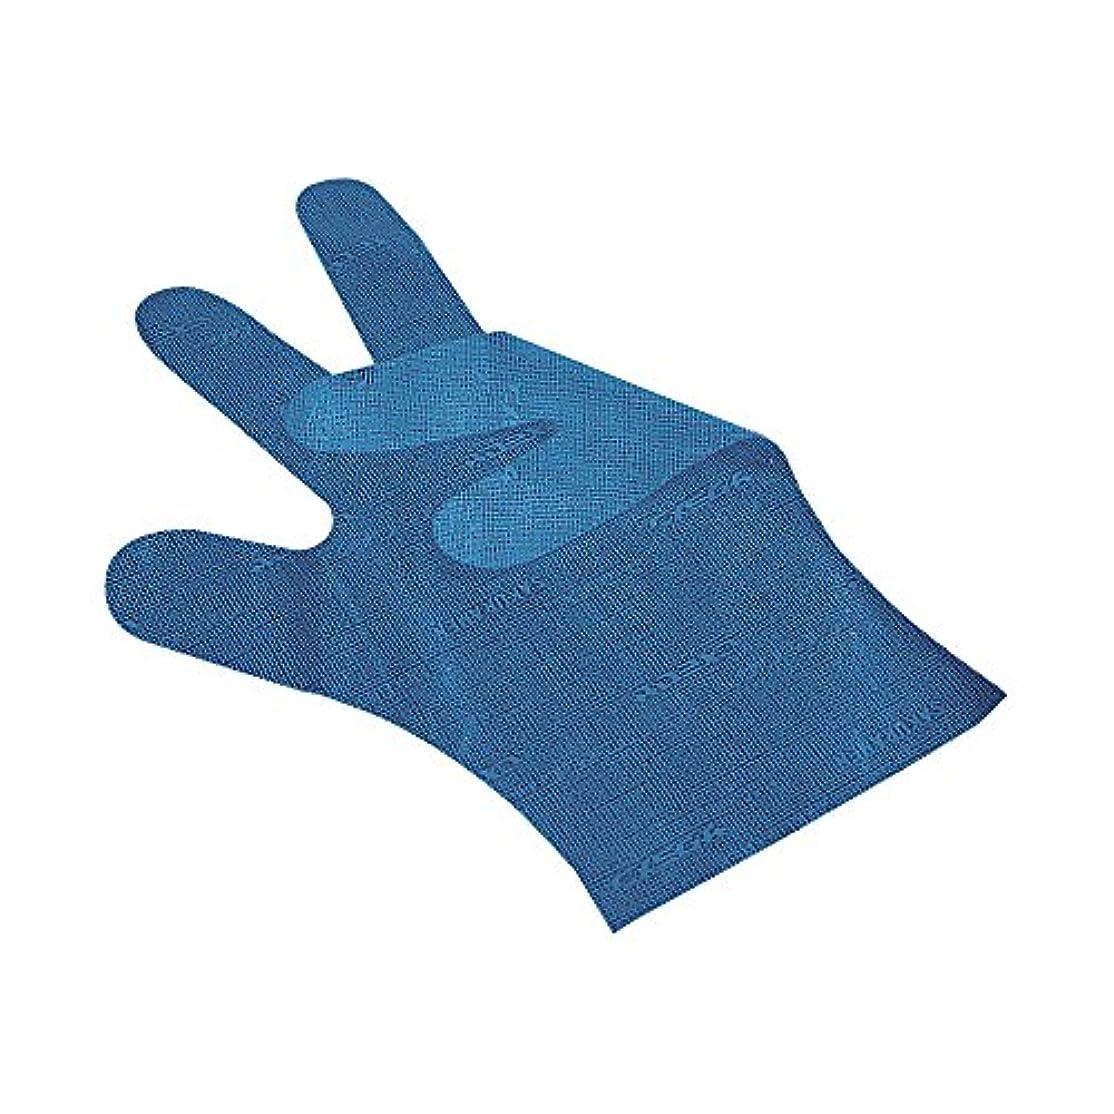 サクラメンエンボス手袋 デラックス ブルー S 100枚入